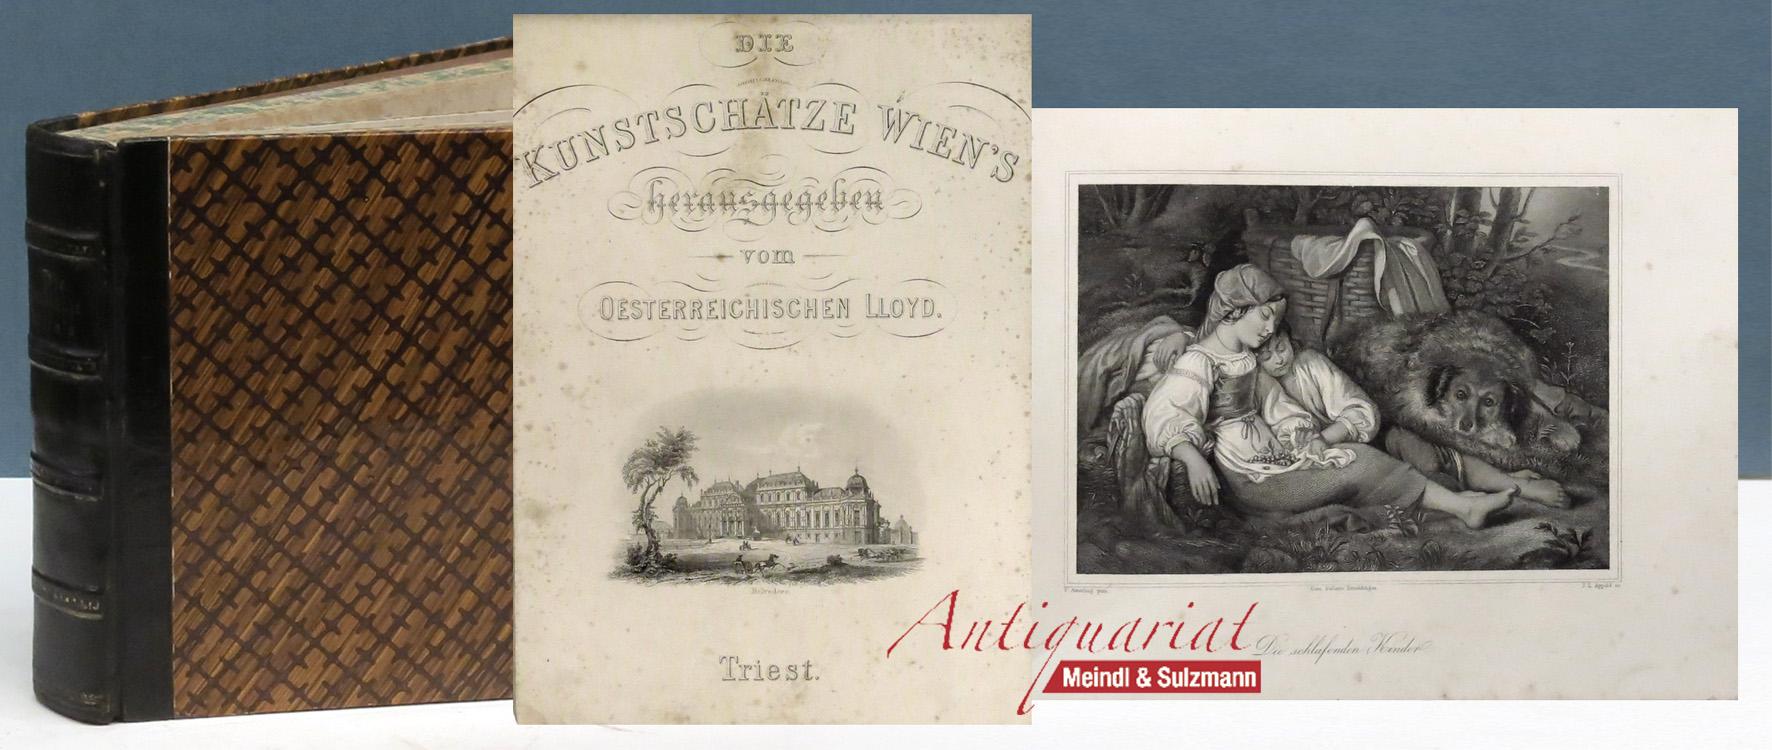 Die Kunstschätze Wien's.: Perger, Anton Rt.